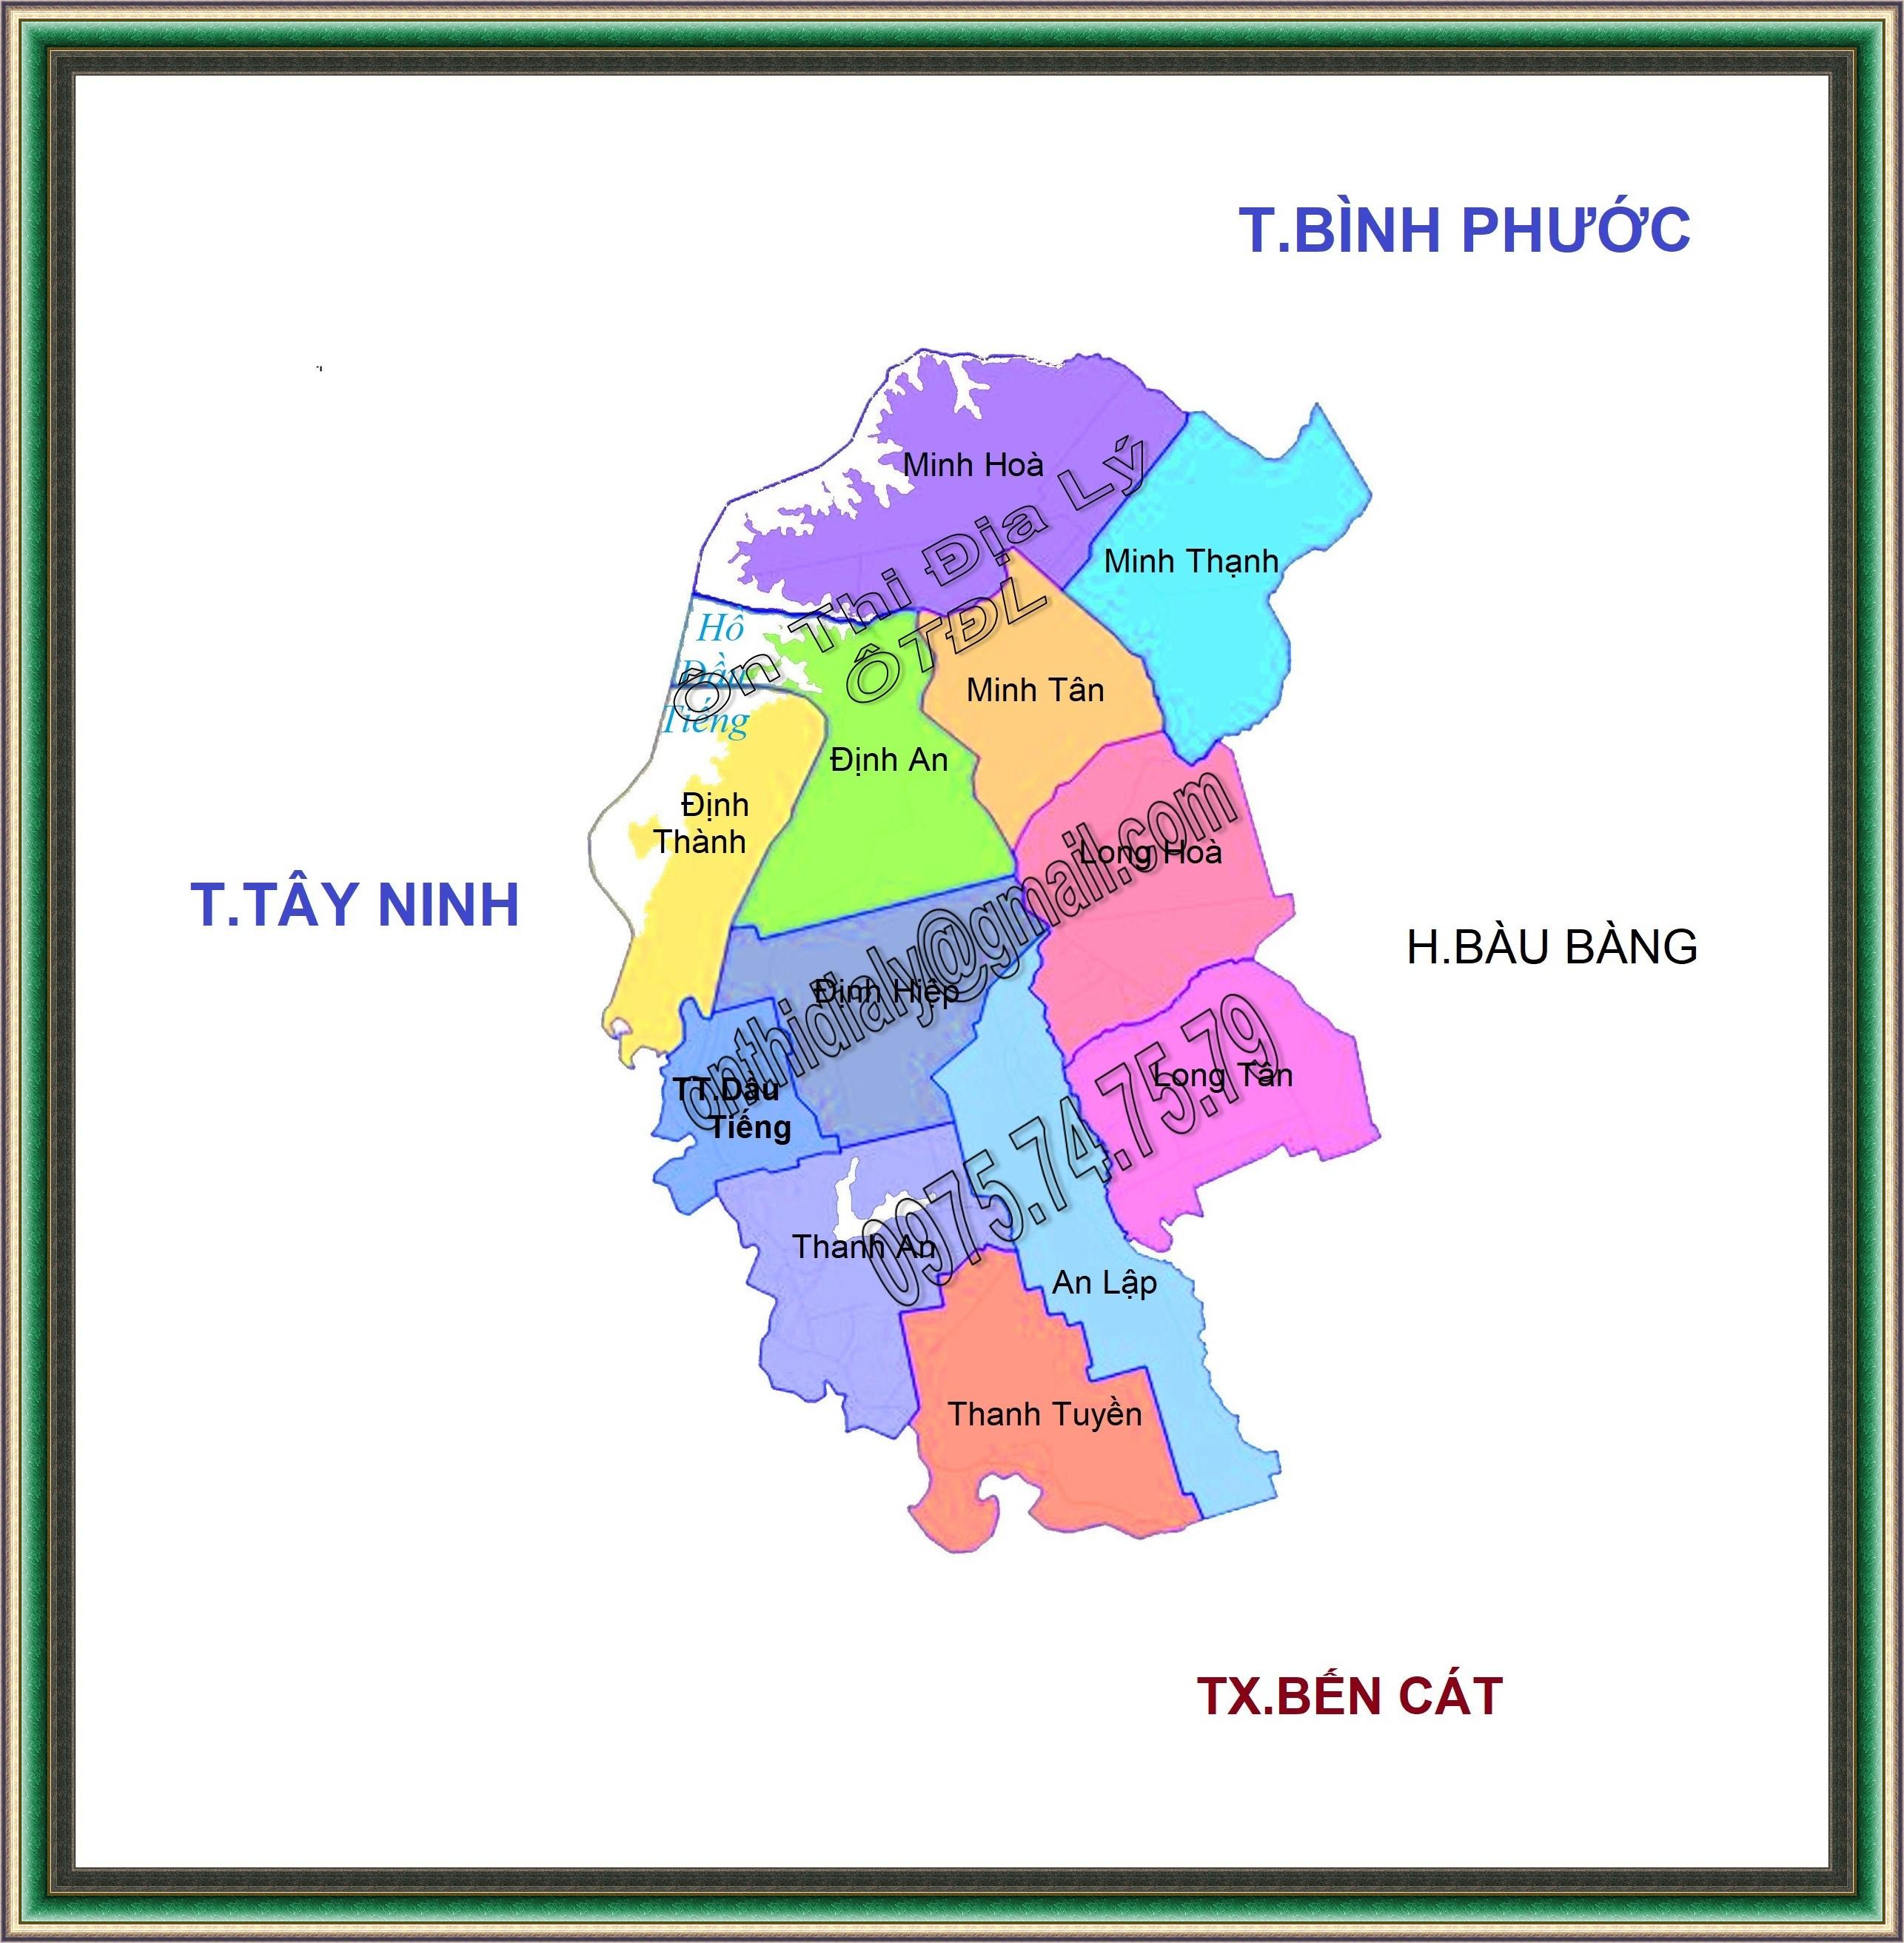 Dau Tieng - Binh Duong 5